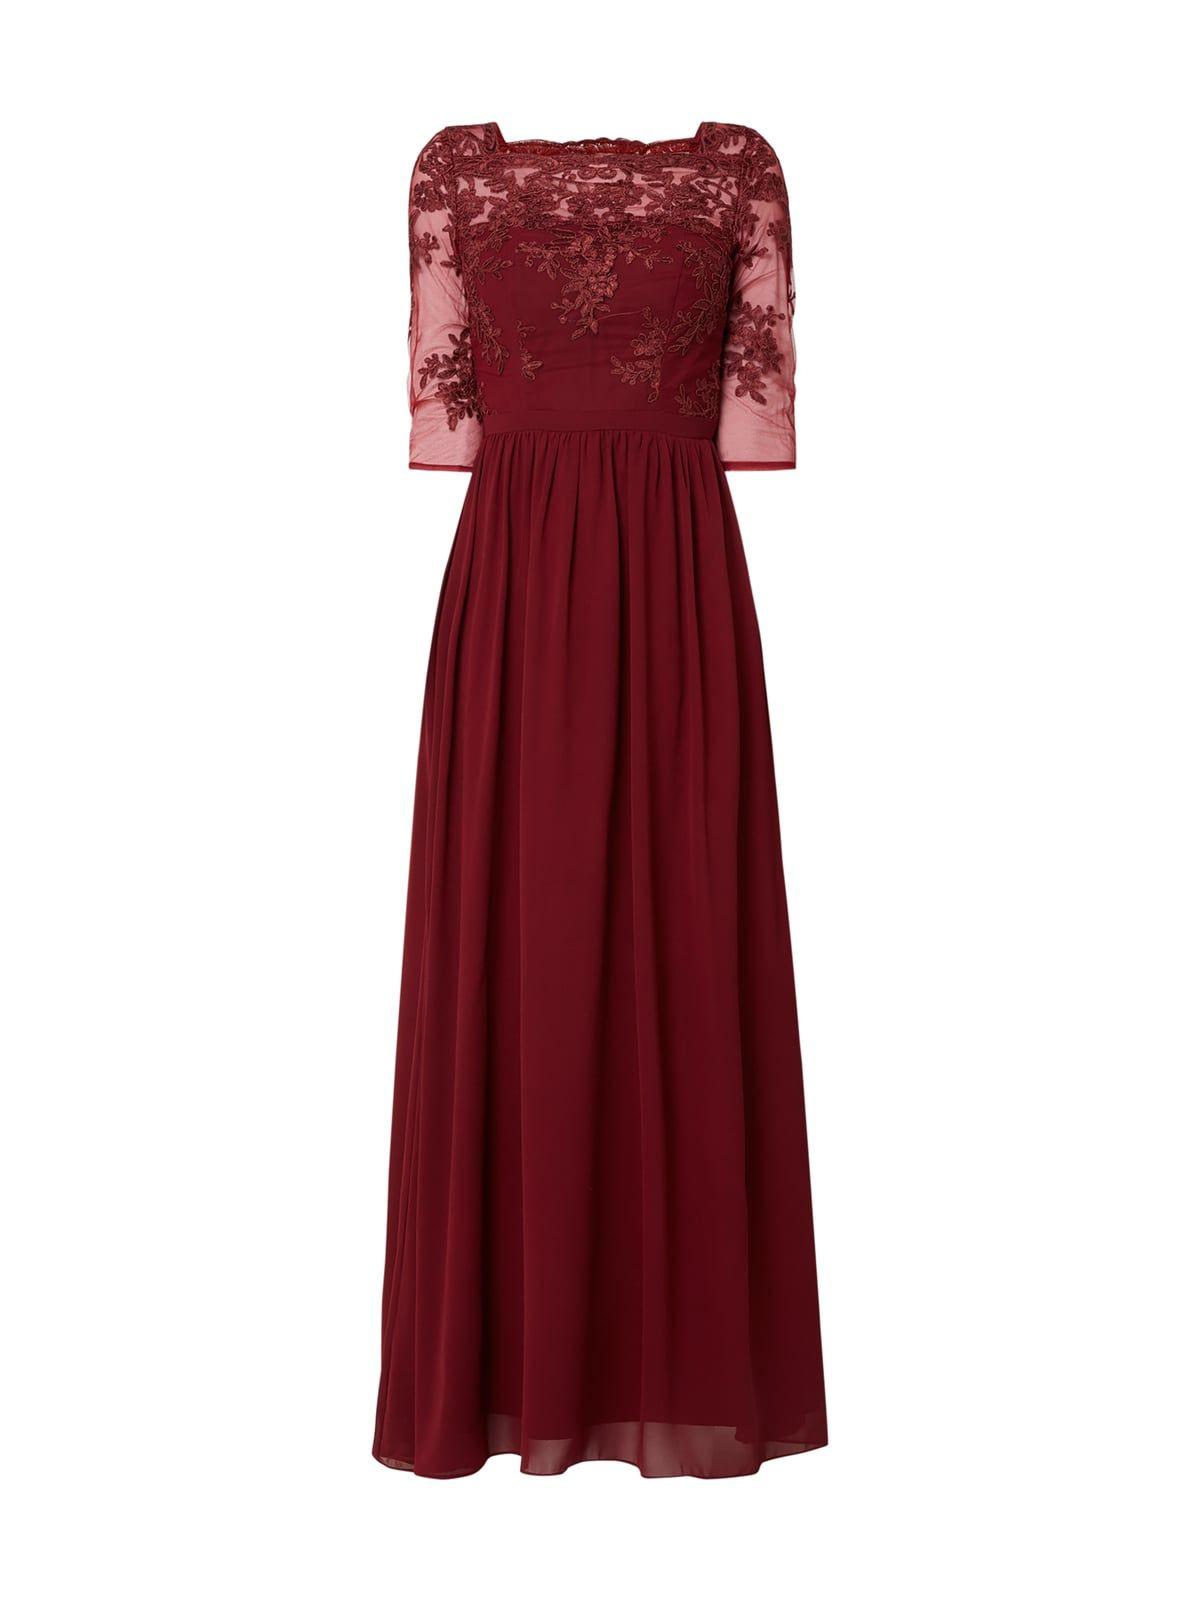 Formal Leicht Abendkleider Bei P&C ÄrmelDesigner Perfekt Abendkleider Bei P&C Boutique